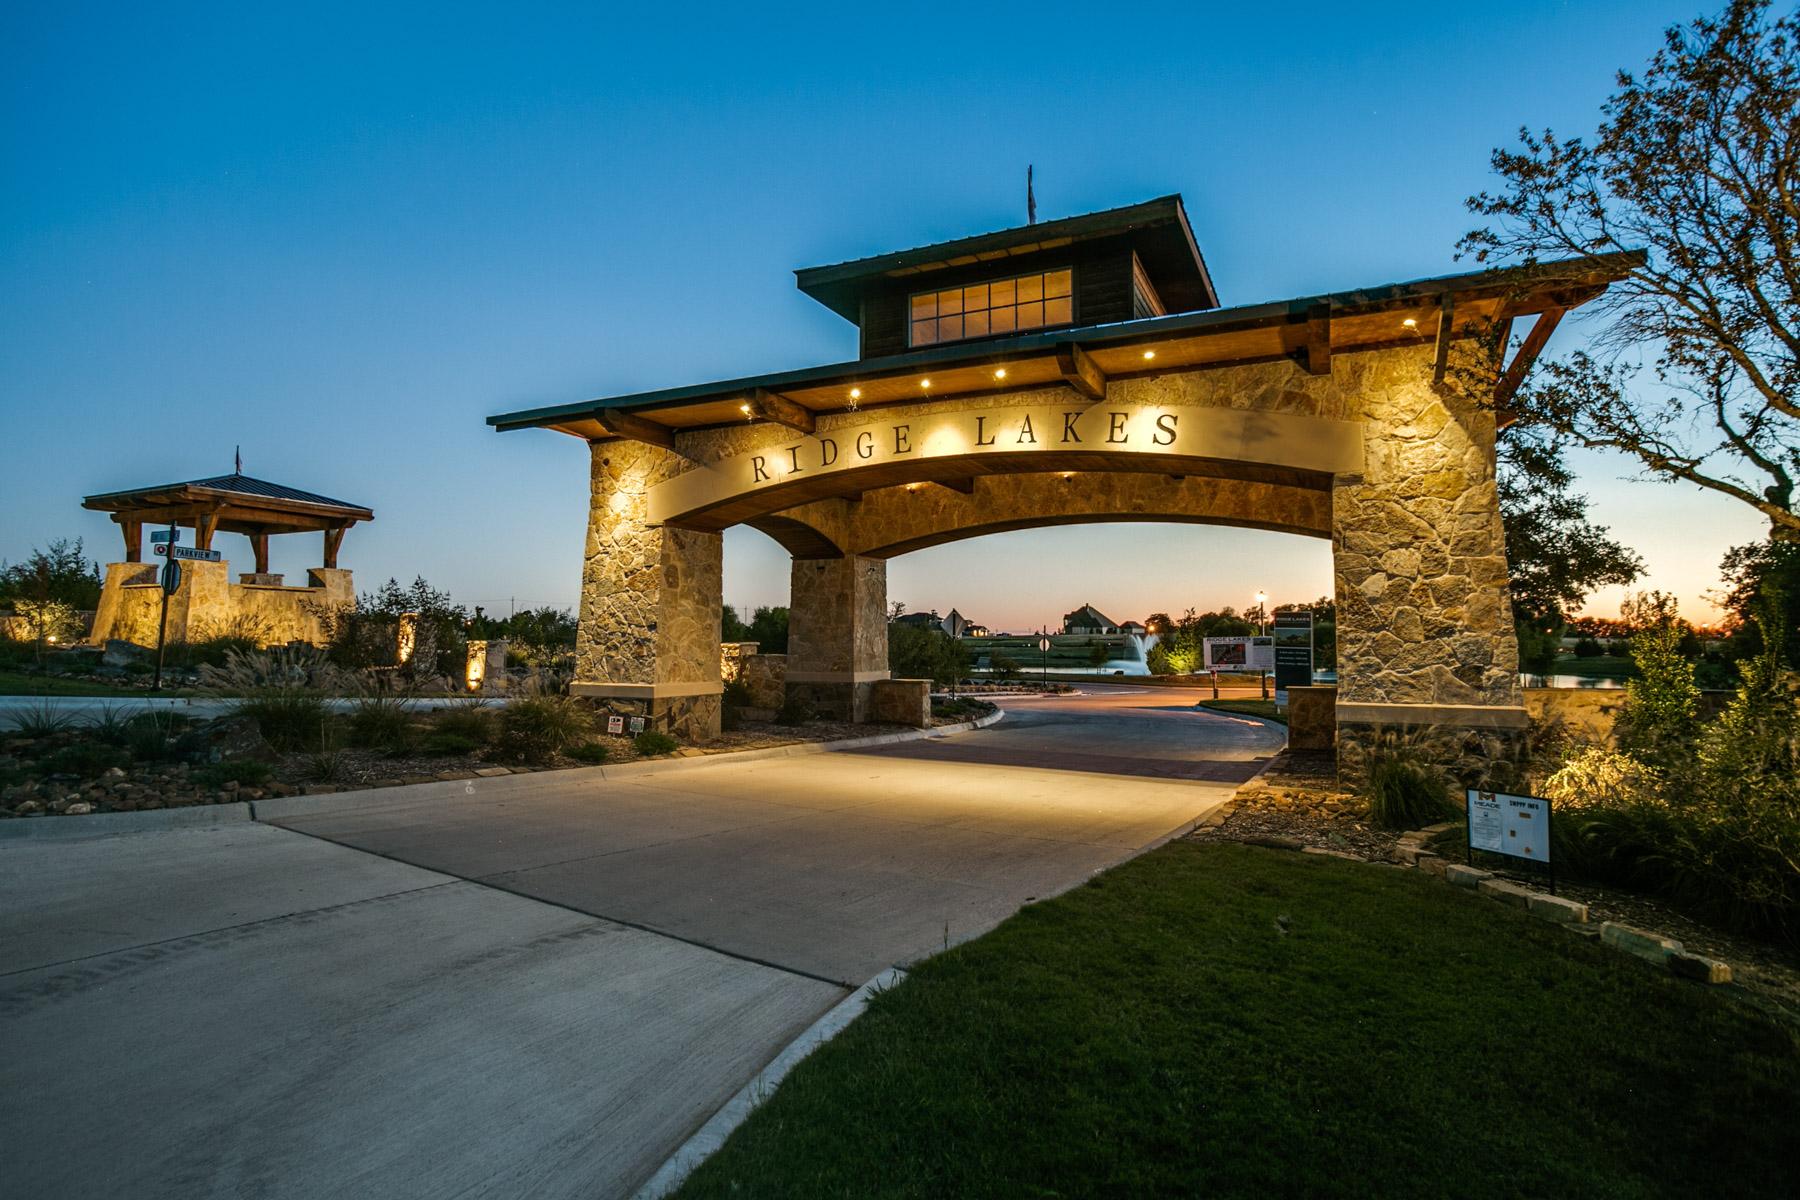 토지 용 매매 에 1.17 Acre Lot in Ridge Lakes of Heath 500 Lodge Hill Drive, Heath, 텍사스 75032 미국